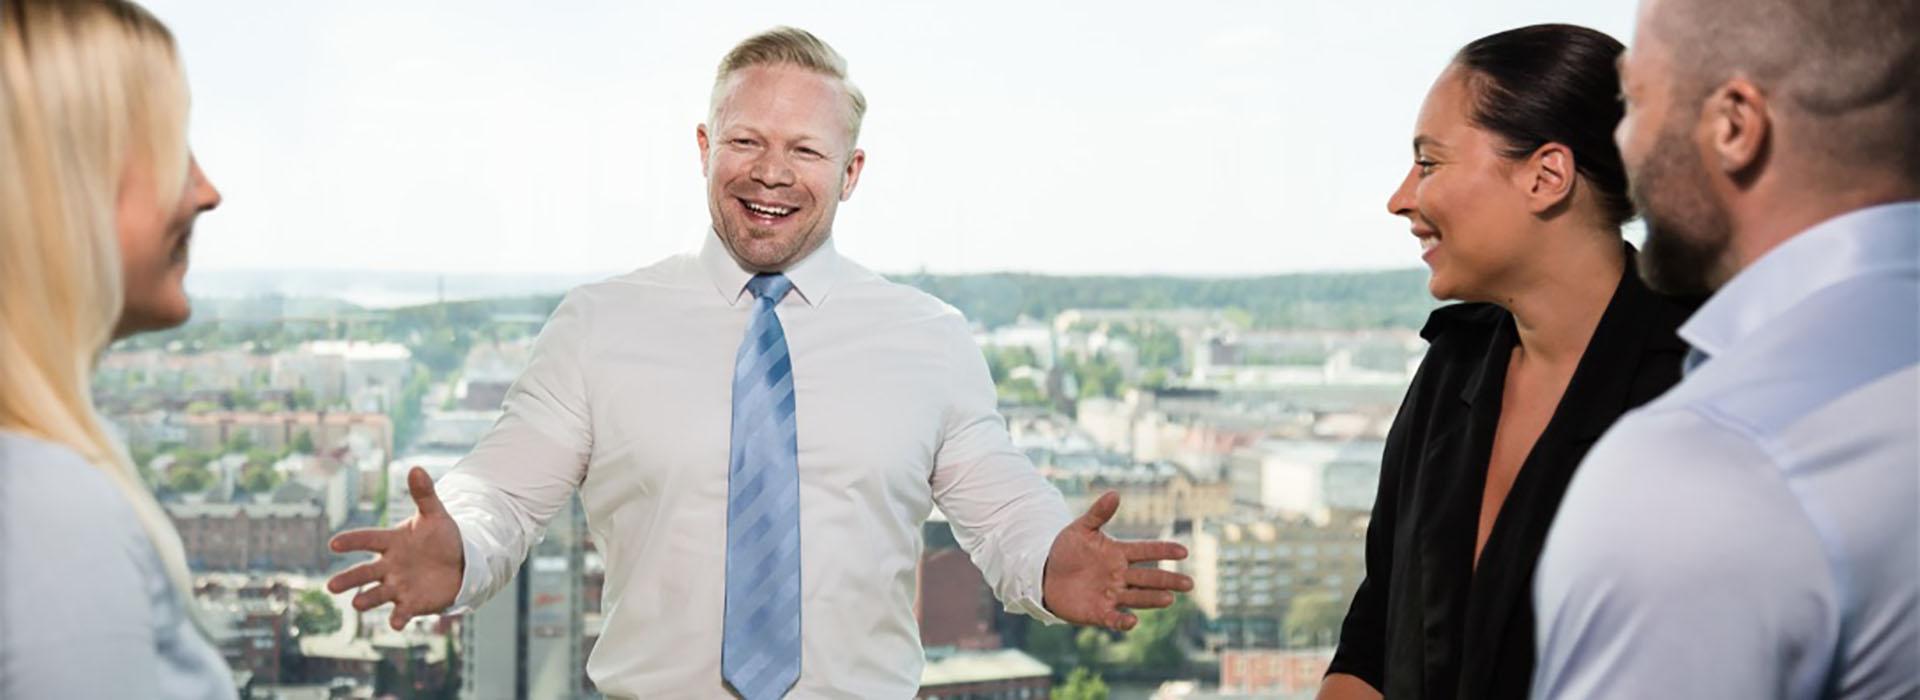 PMO Finland Oy - Senior Advisor Kari Kouvalainen